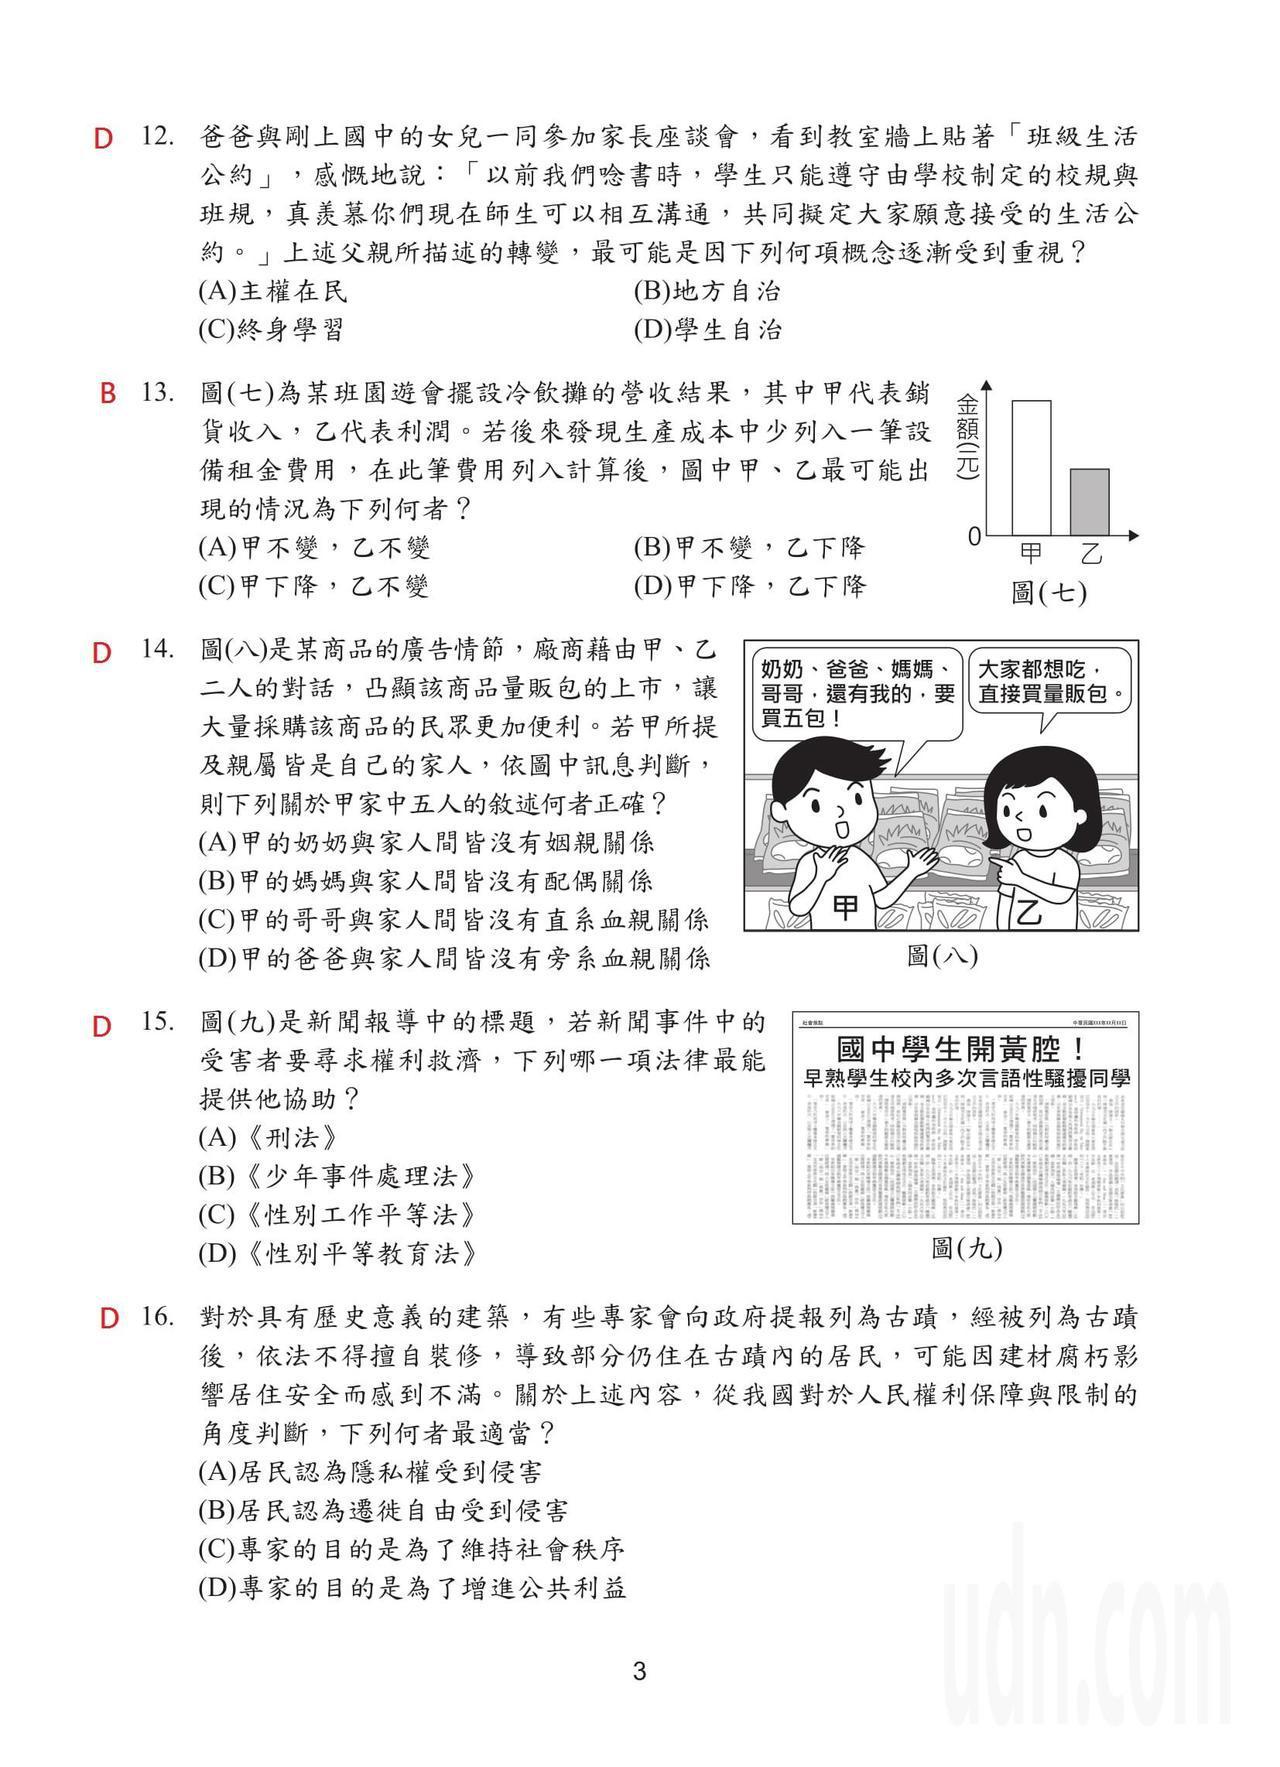 108國中會考社會科試題解答,第3頁。